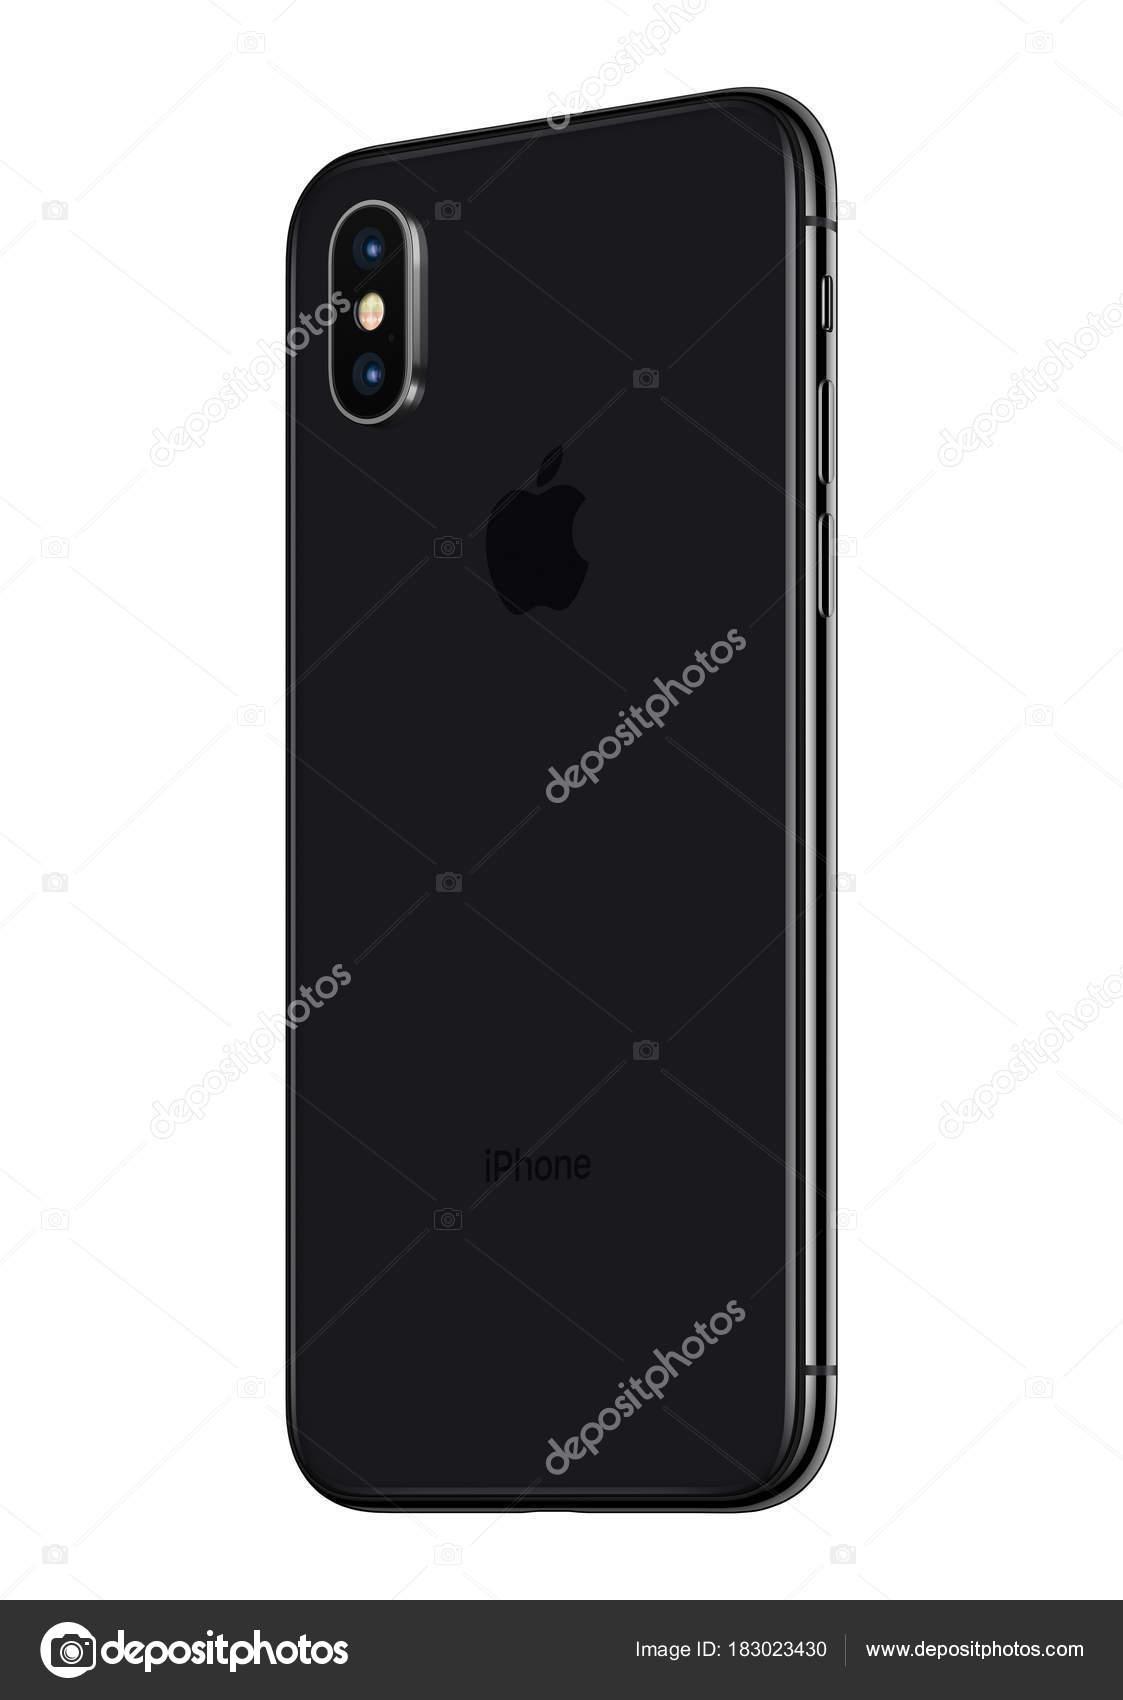 Espace Gris Apple Iphone X Arriere Legerement Pivote Isole Sur Fond